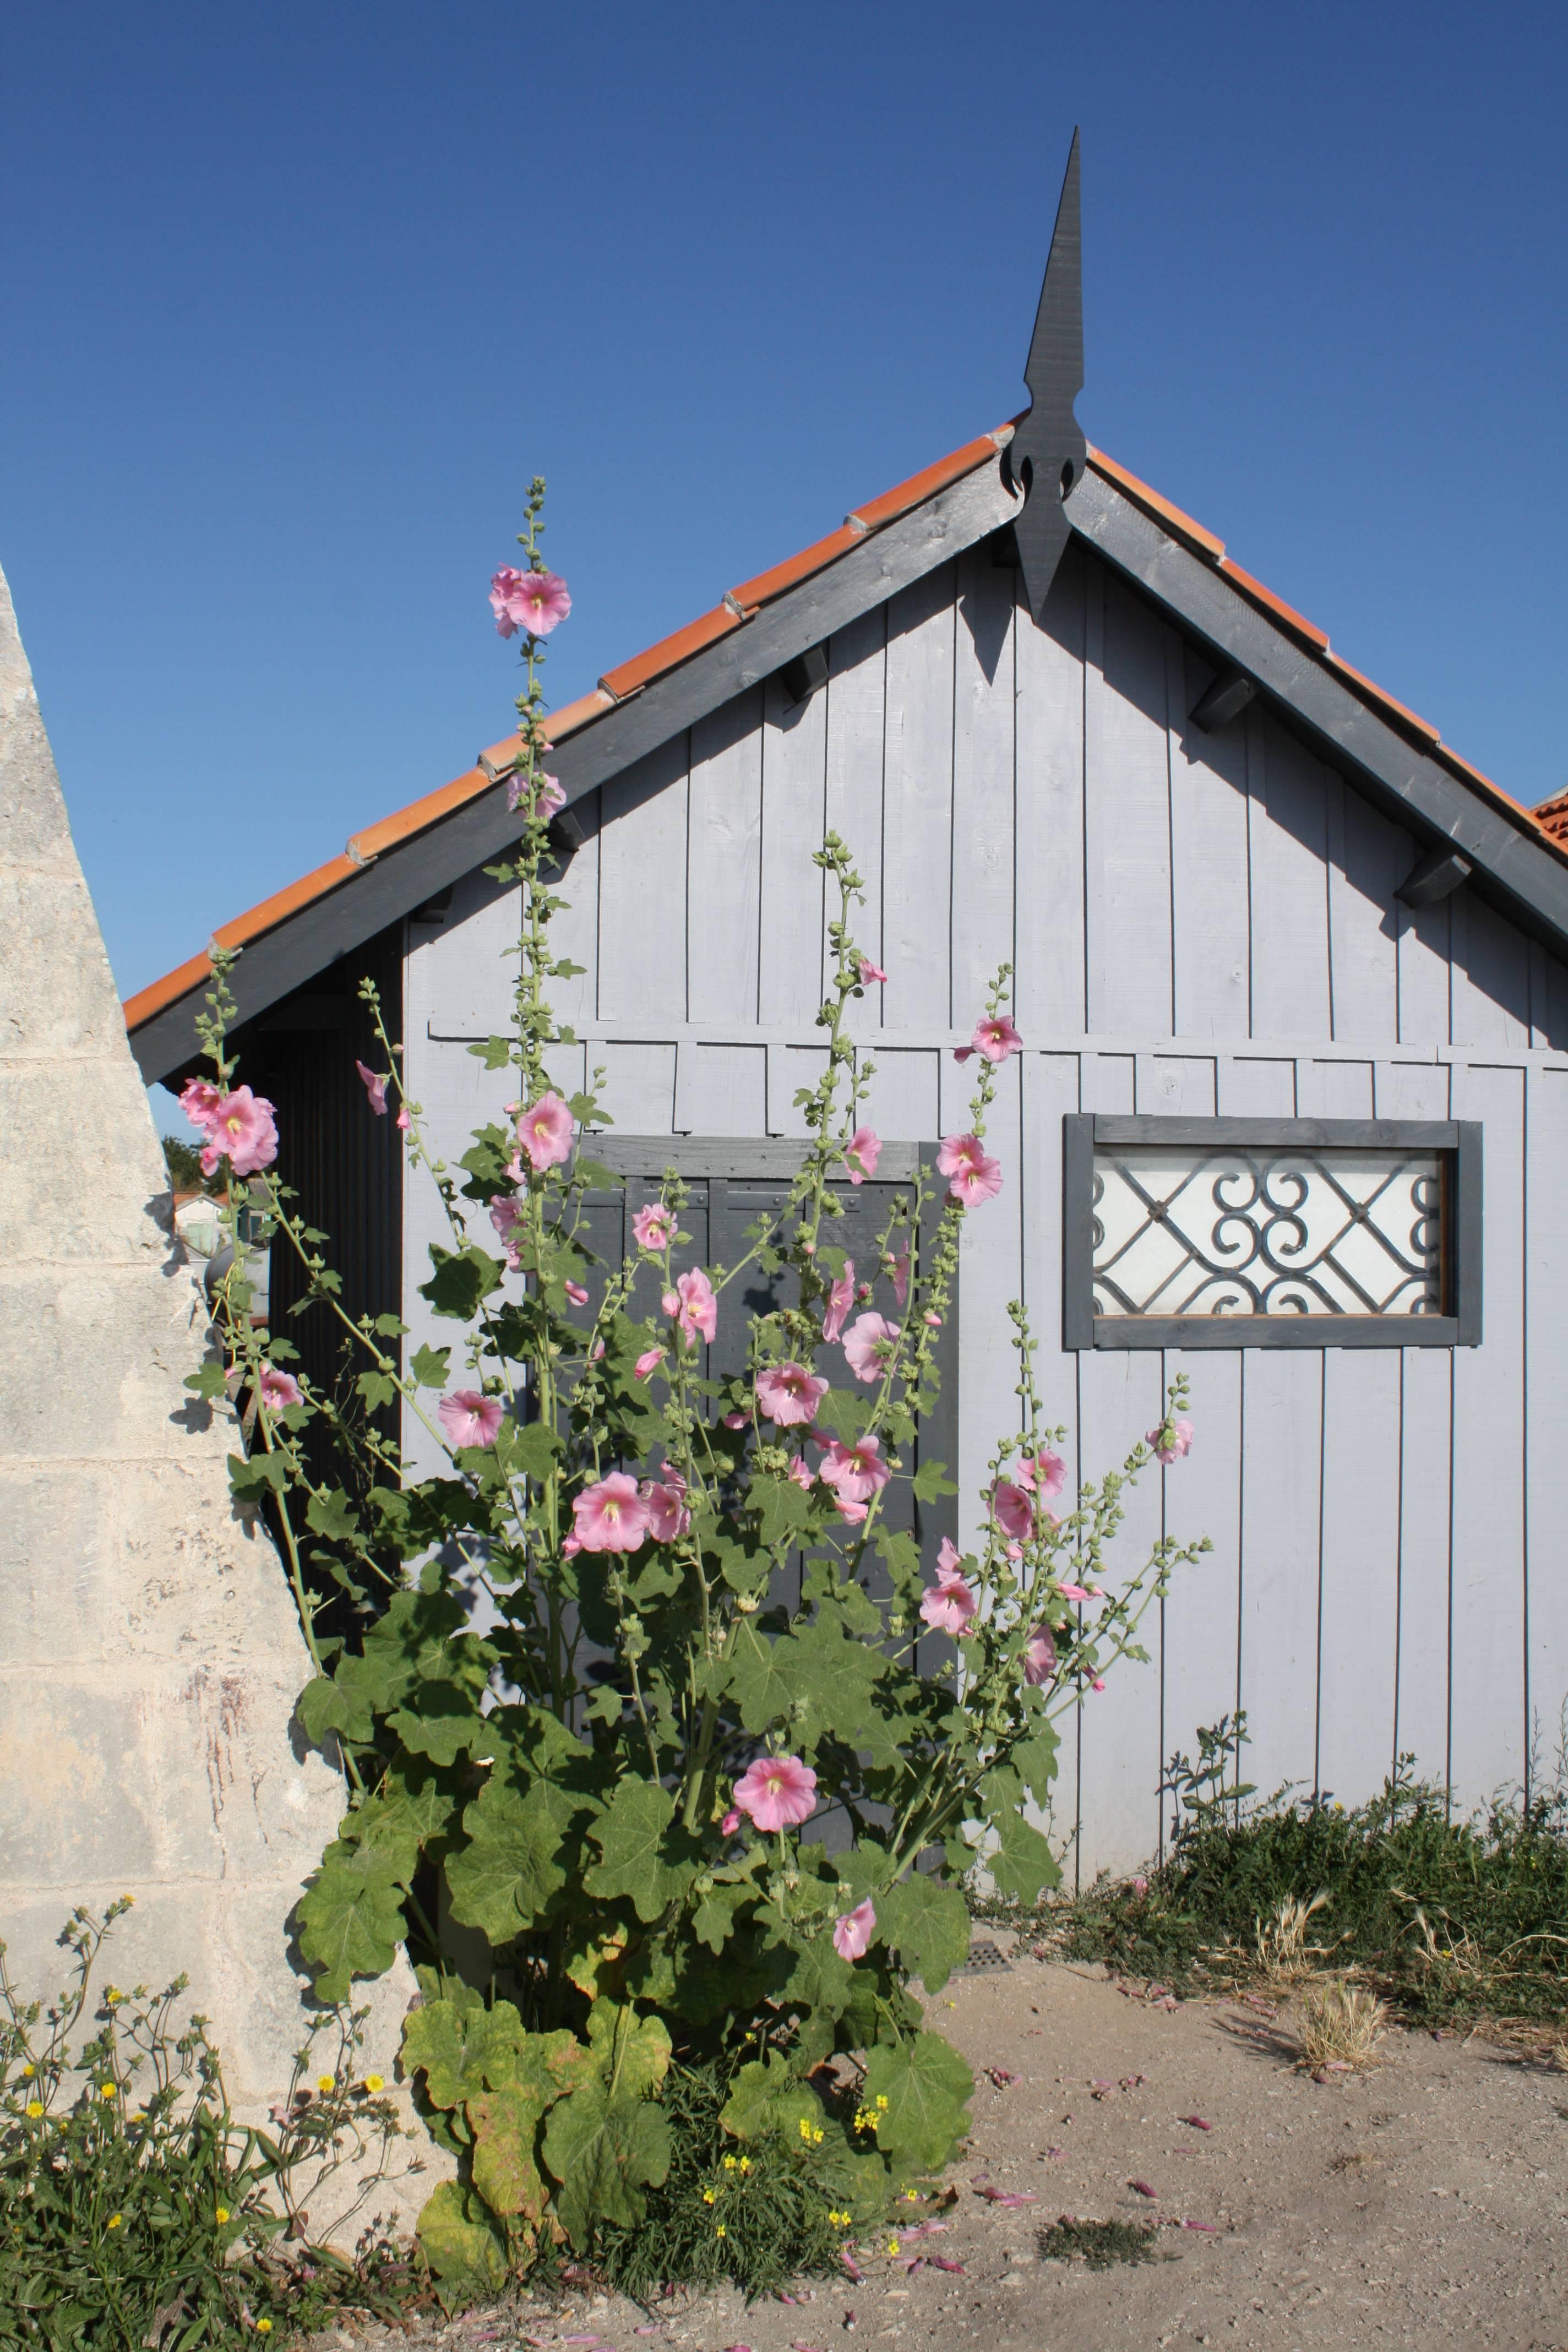 Photo 2: Les cabanes d'artistes du Château d'Oléron